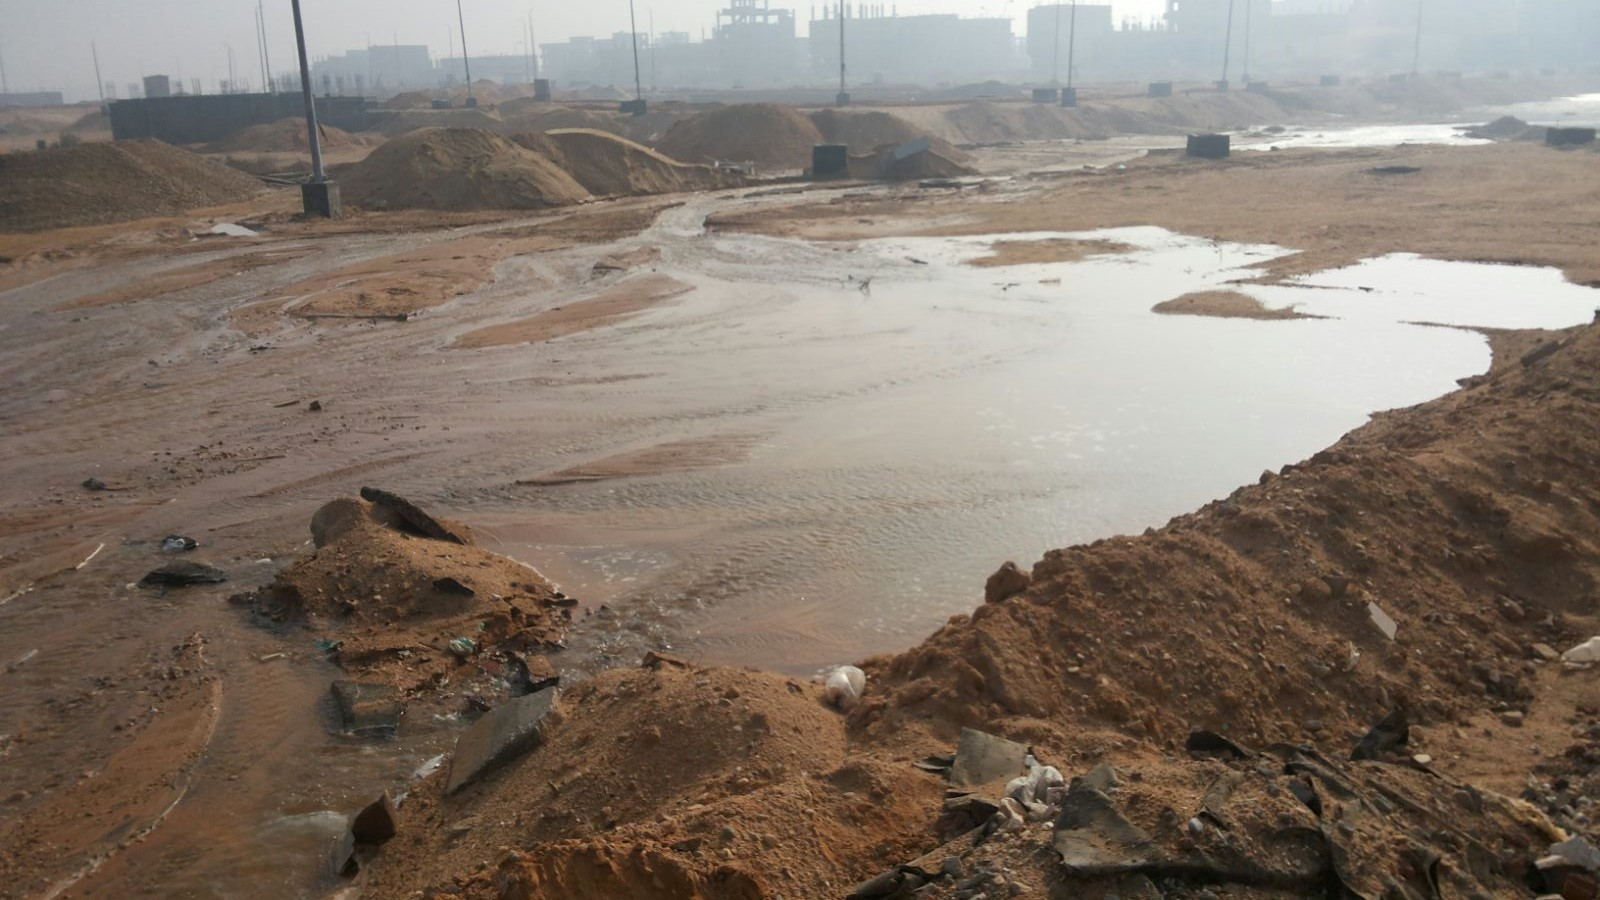 بالصور.. إهدار مئات الأمتار المكعبة من المياه في مدينة السادات يوميًا